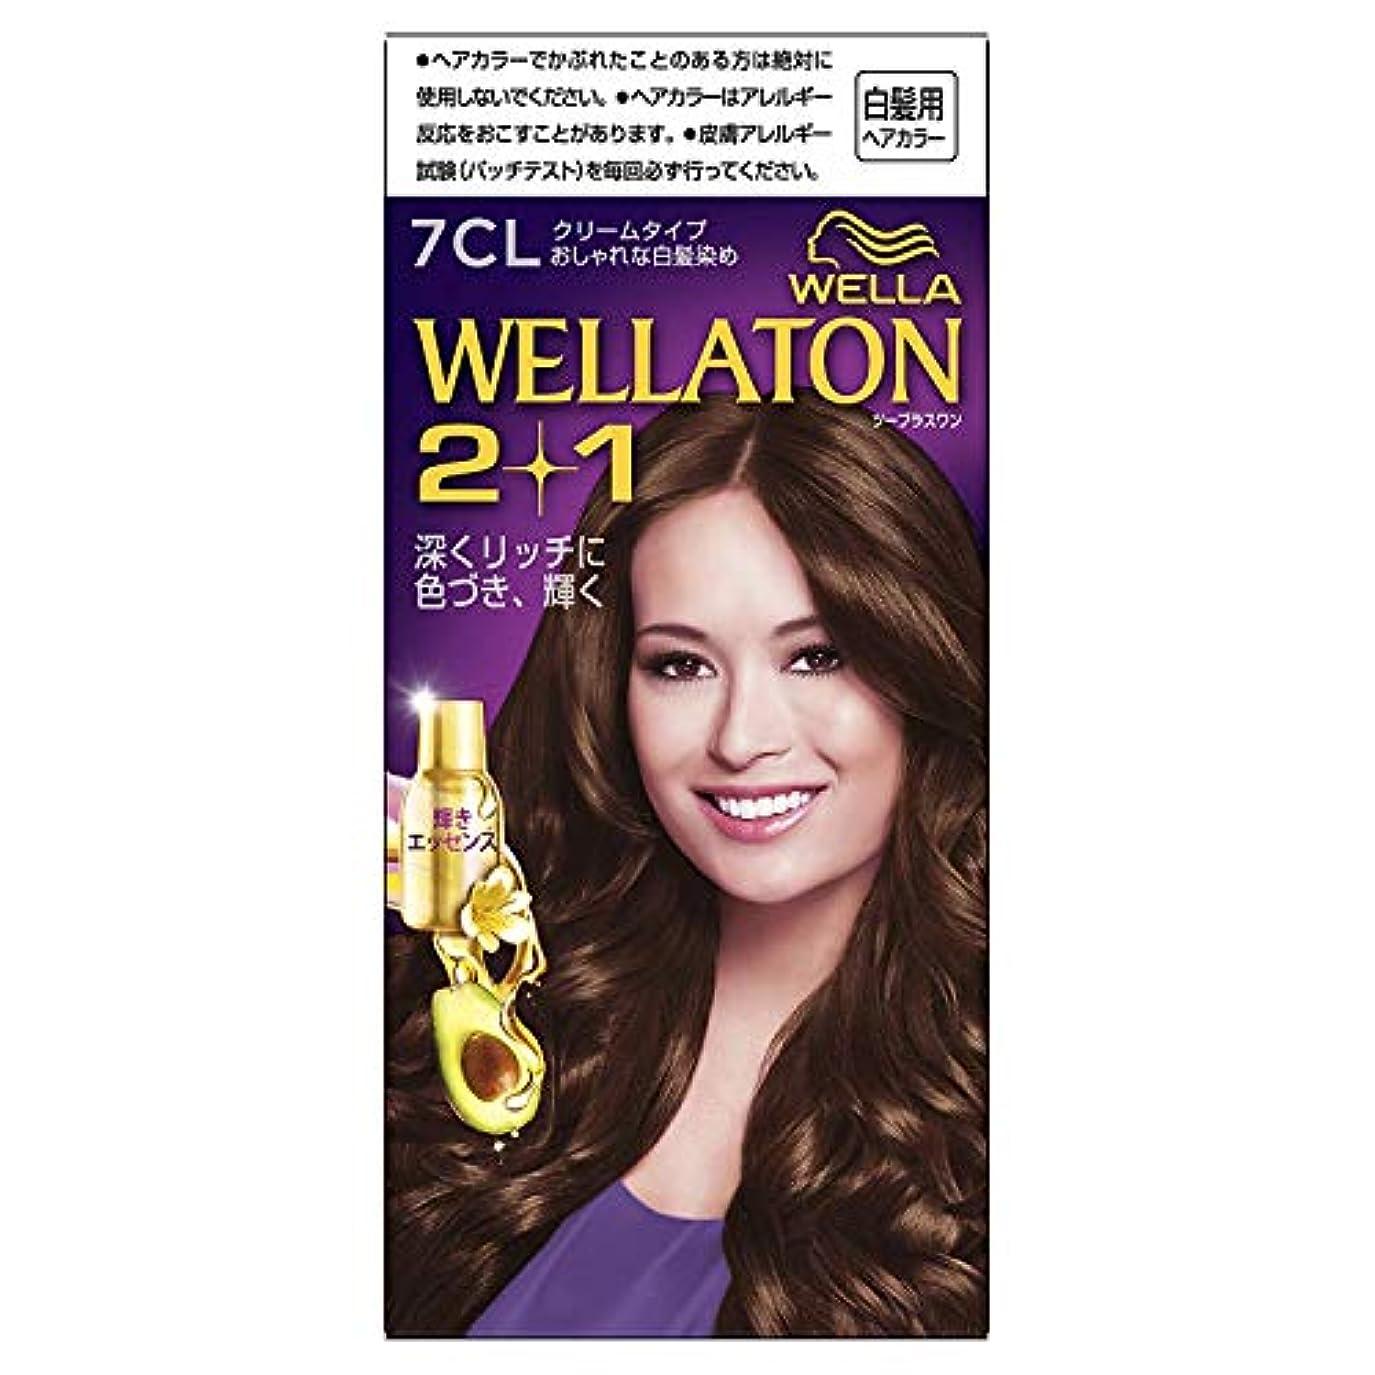 ドル暴露長方形ウエラトーン2+1 白髪染め クリームタイプ 7CL [医薬部外品] ×6個